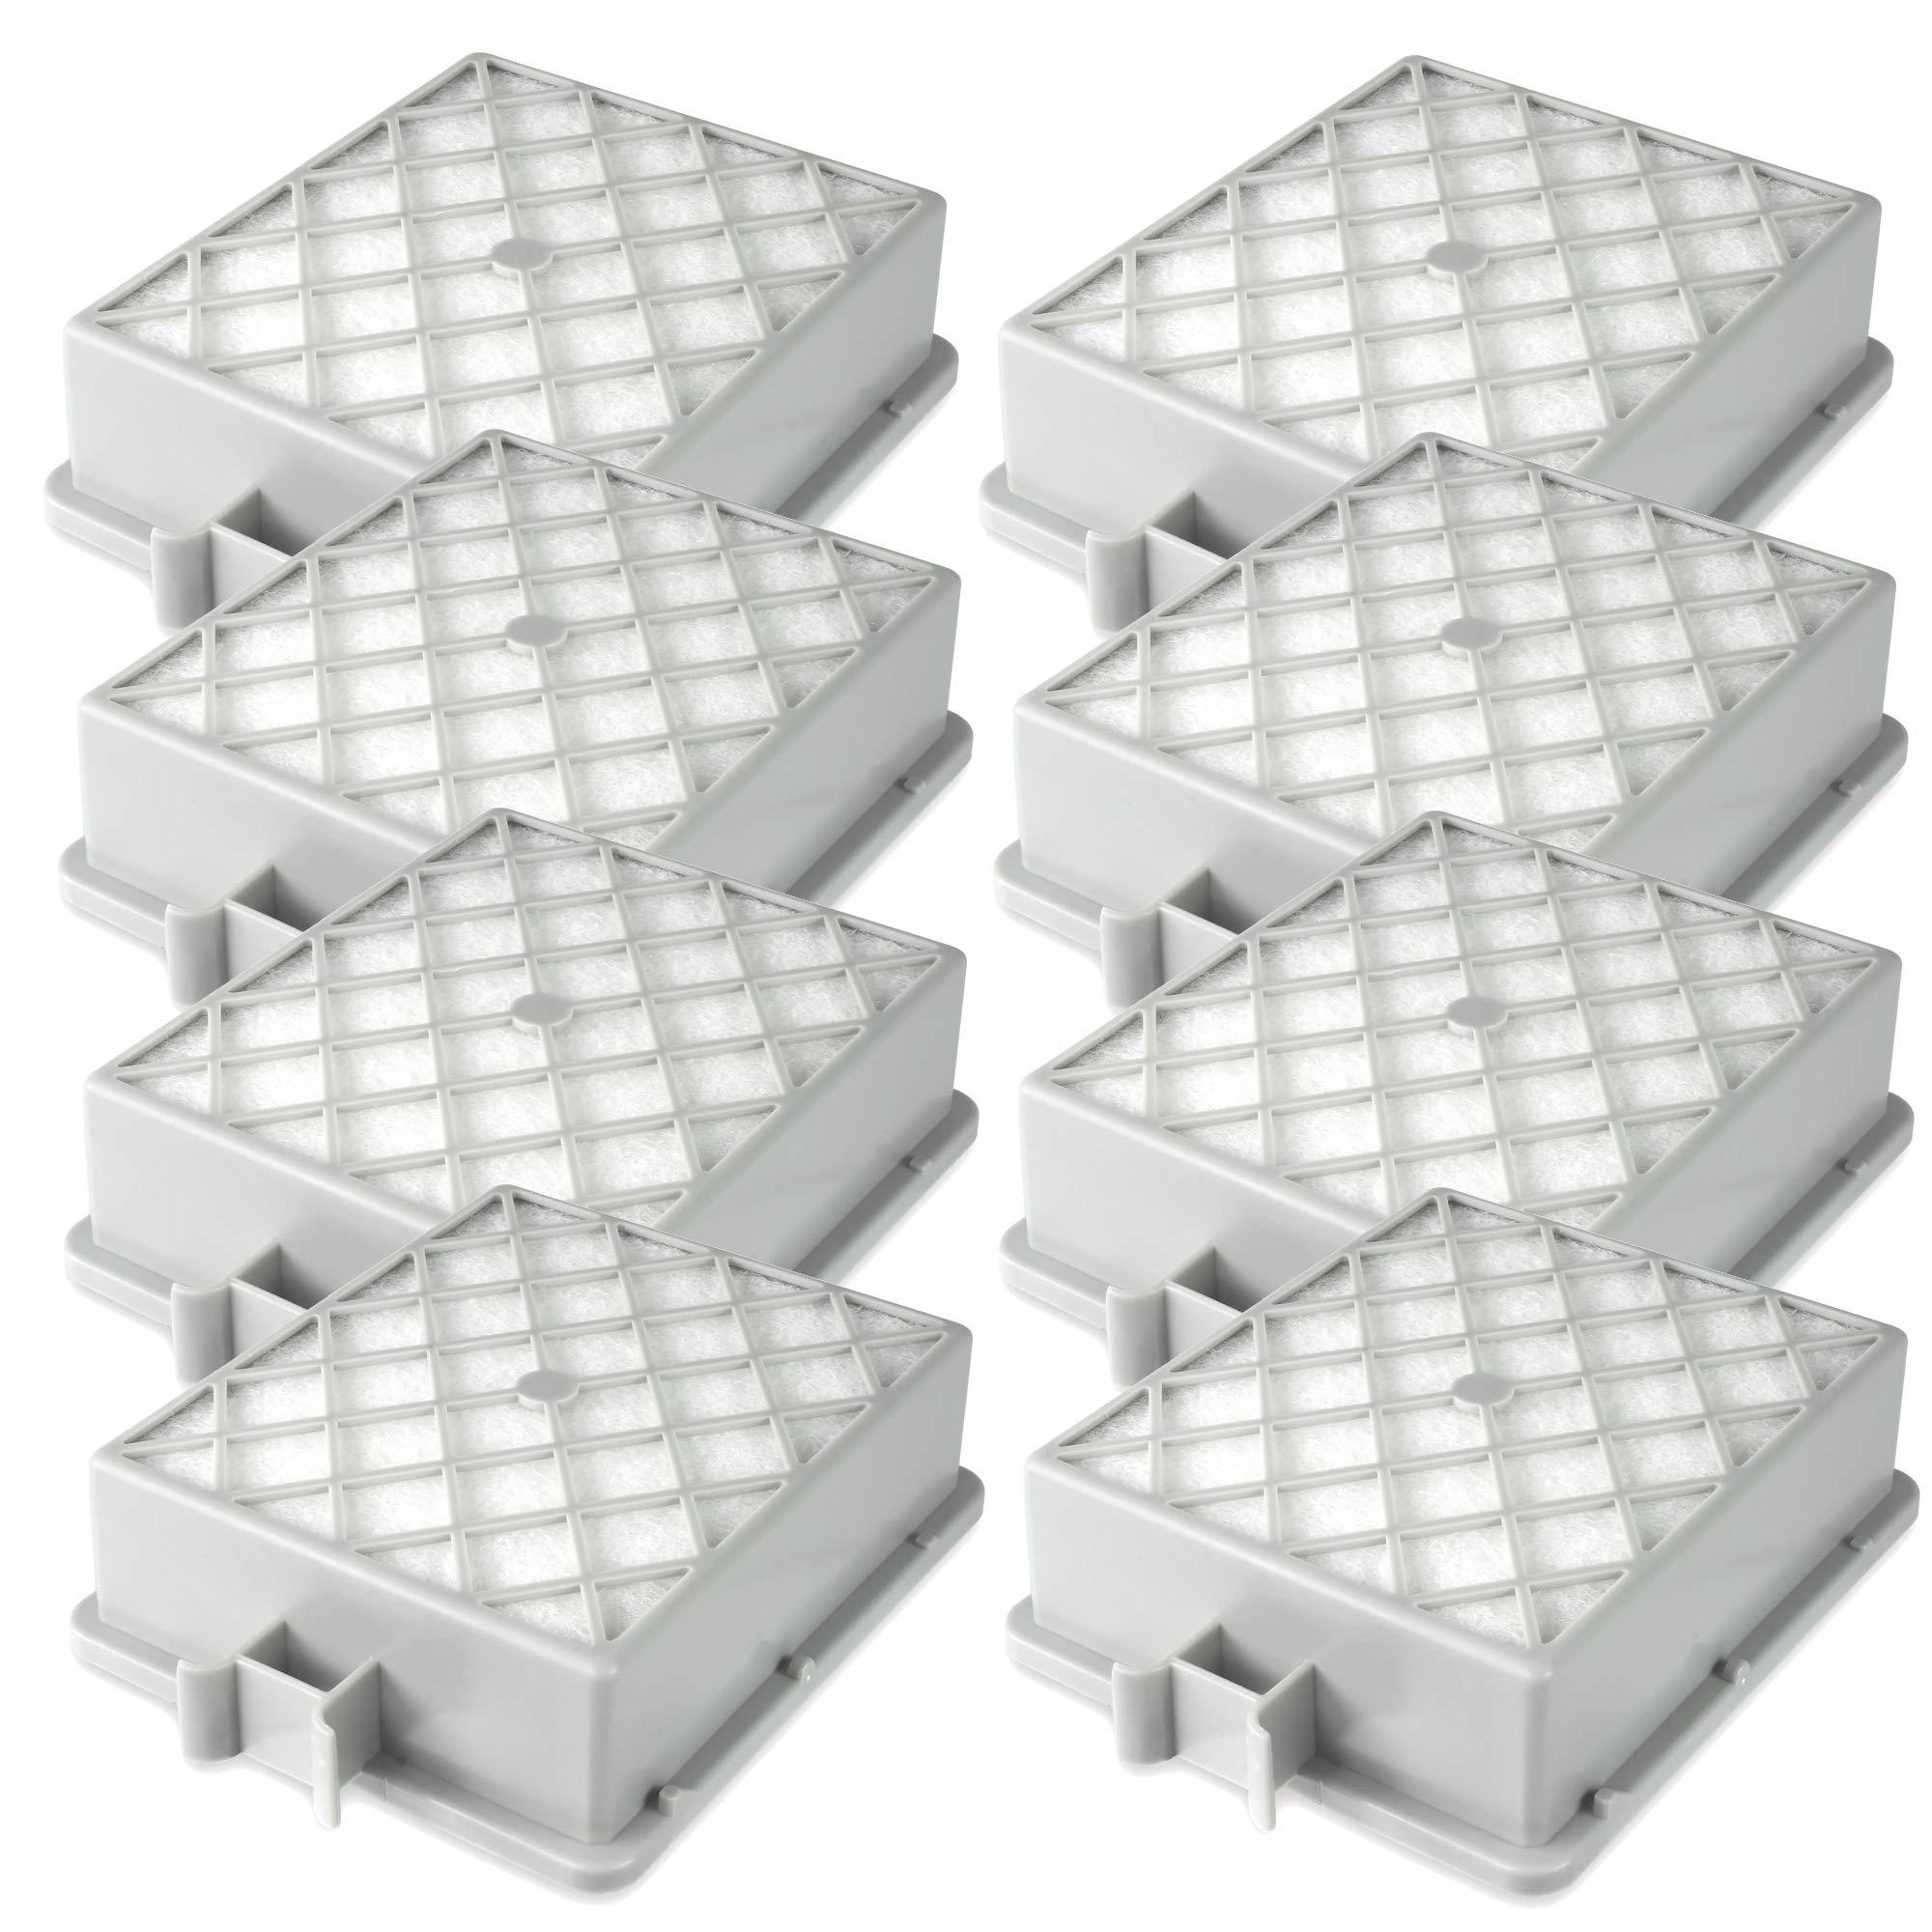 8 filtros Hepa para Lux Electrolux Intelligence S115, filtro de larga duración, salida de aire: Amazon.es: Hogar